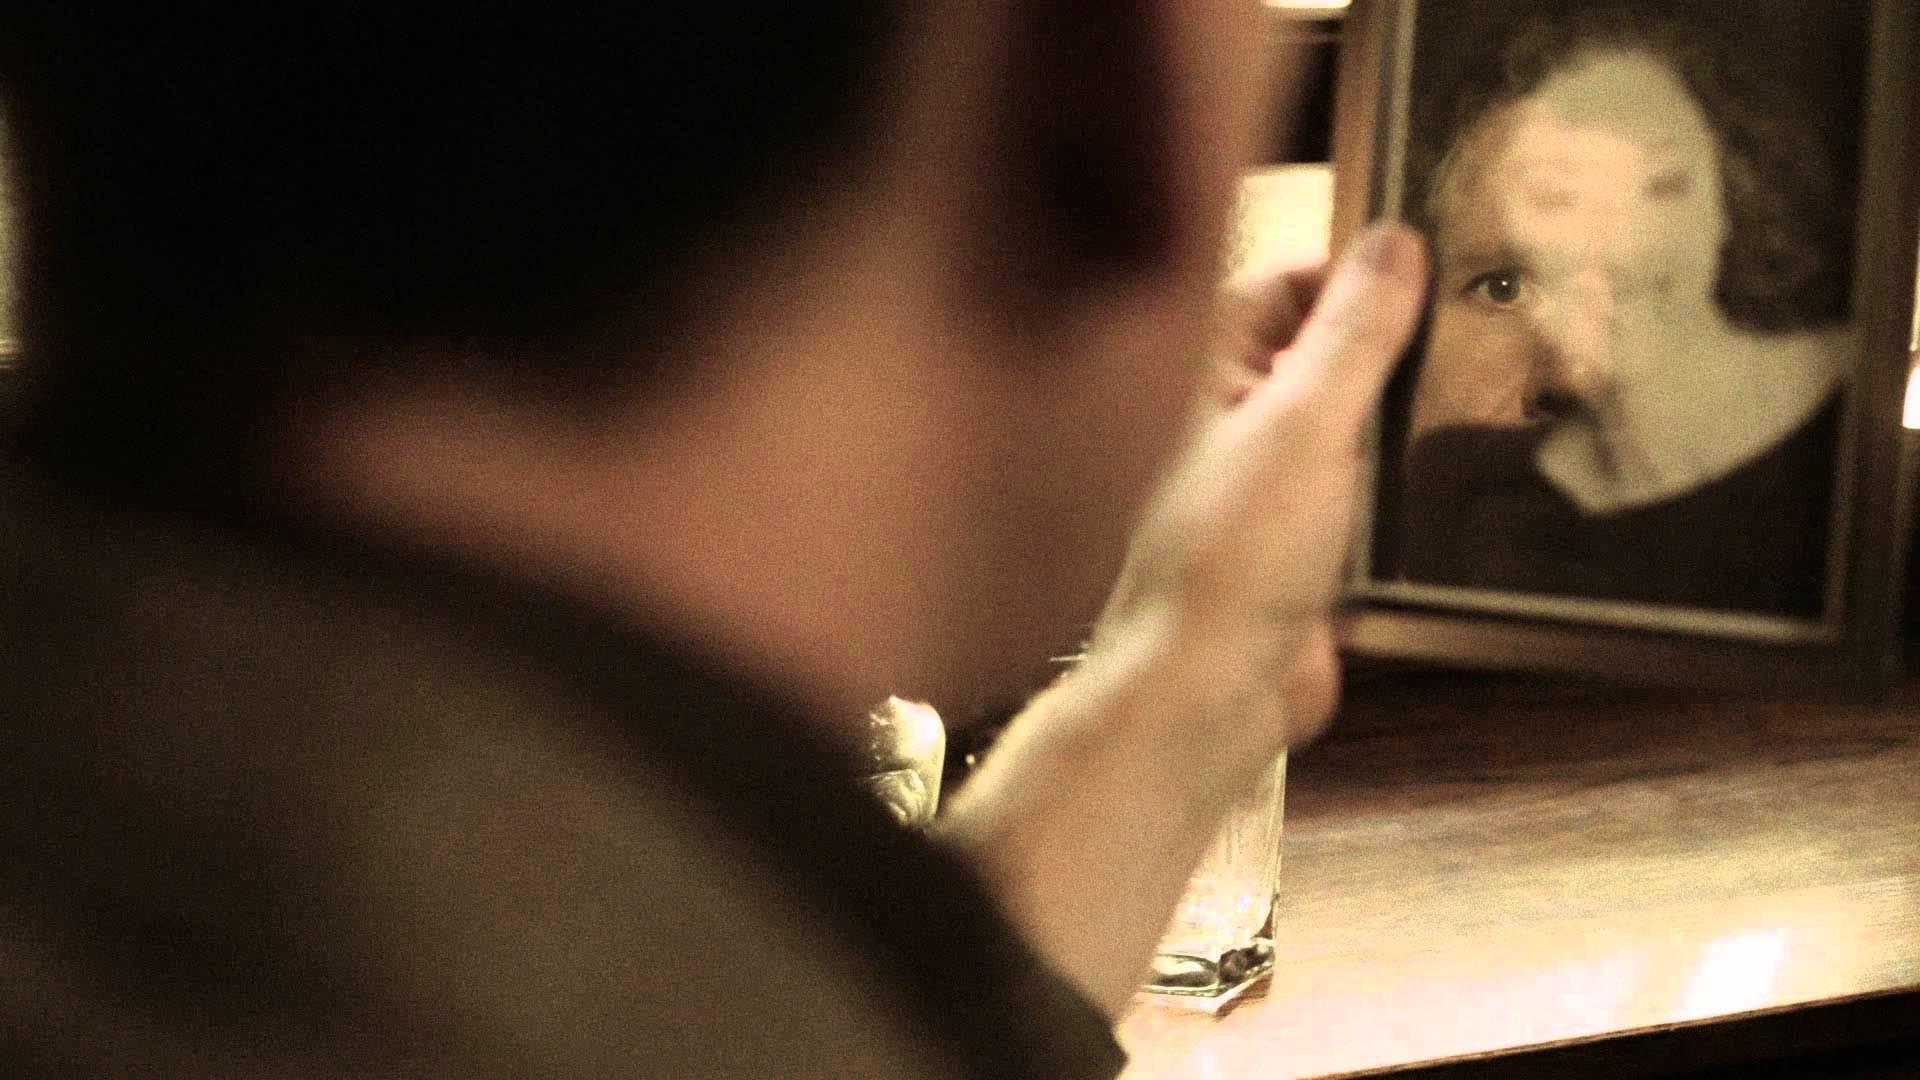 maxresdefault3PZDN3NK Solitude erzählt einen Horrorfilm in 5 verschiedenen Genres